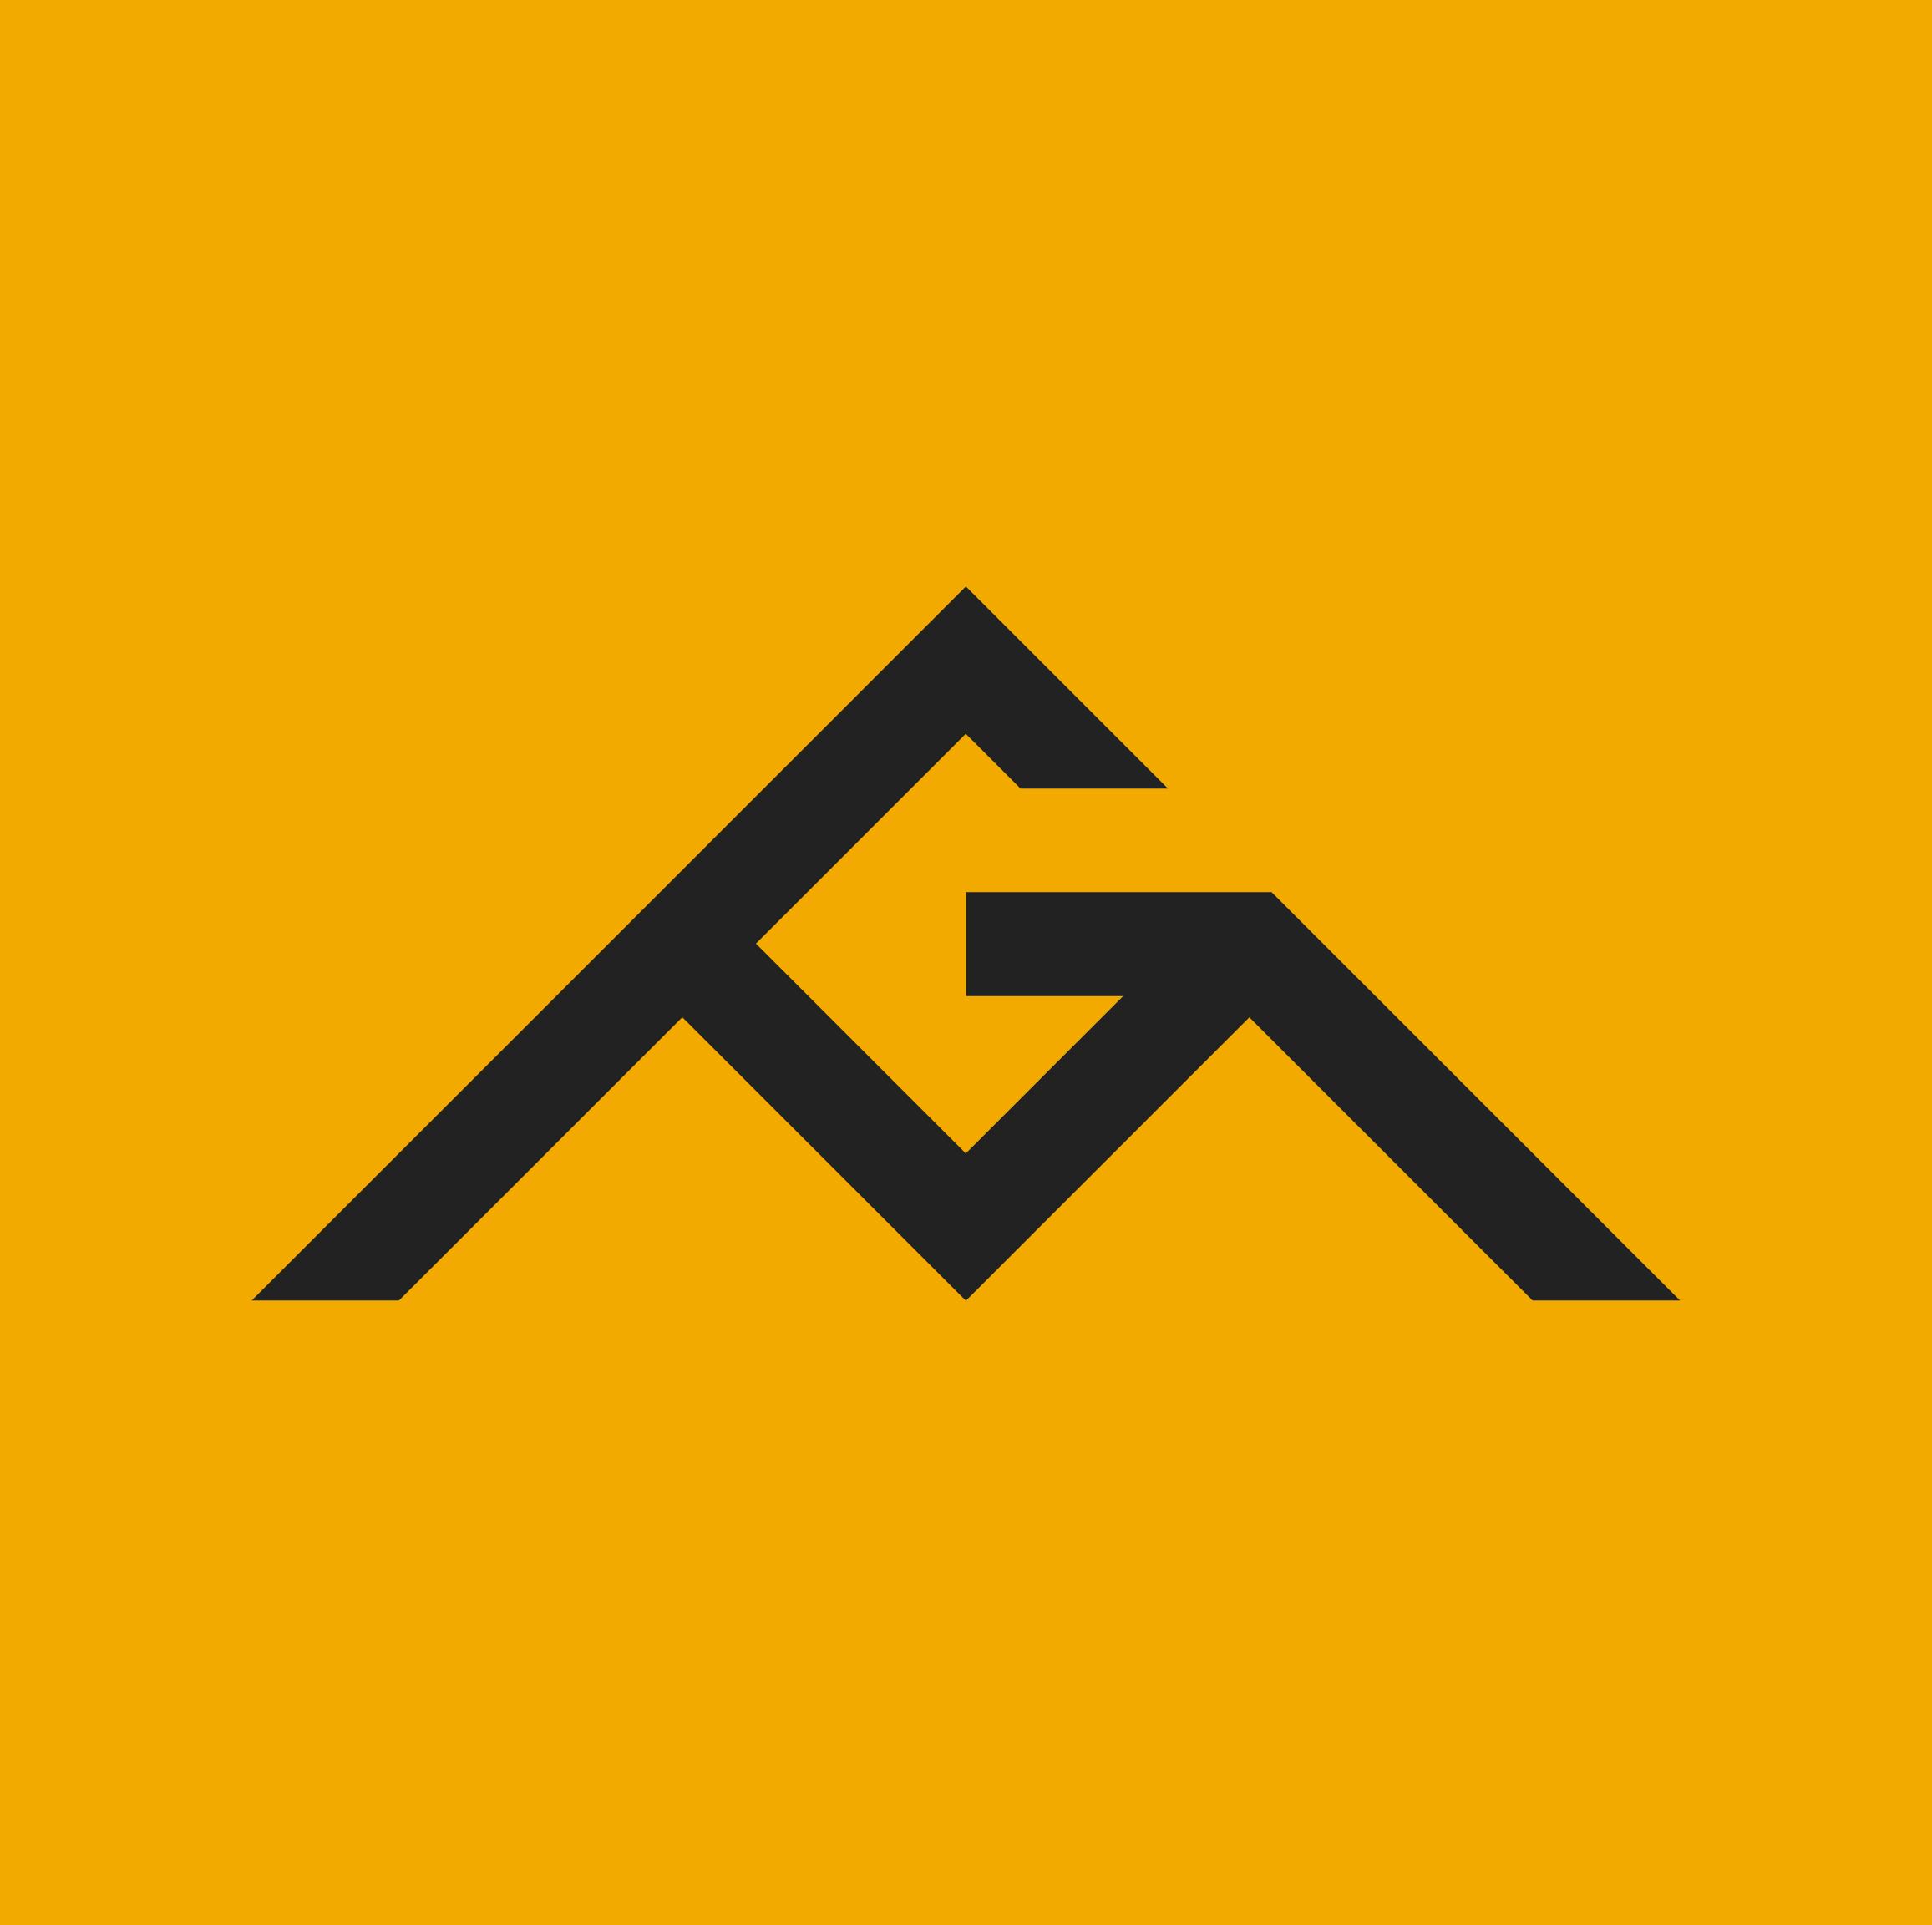 logo 标识 标志 设计 矢量 矢量图 素材 图标 2313_2305